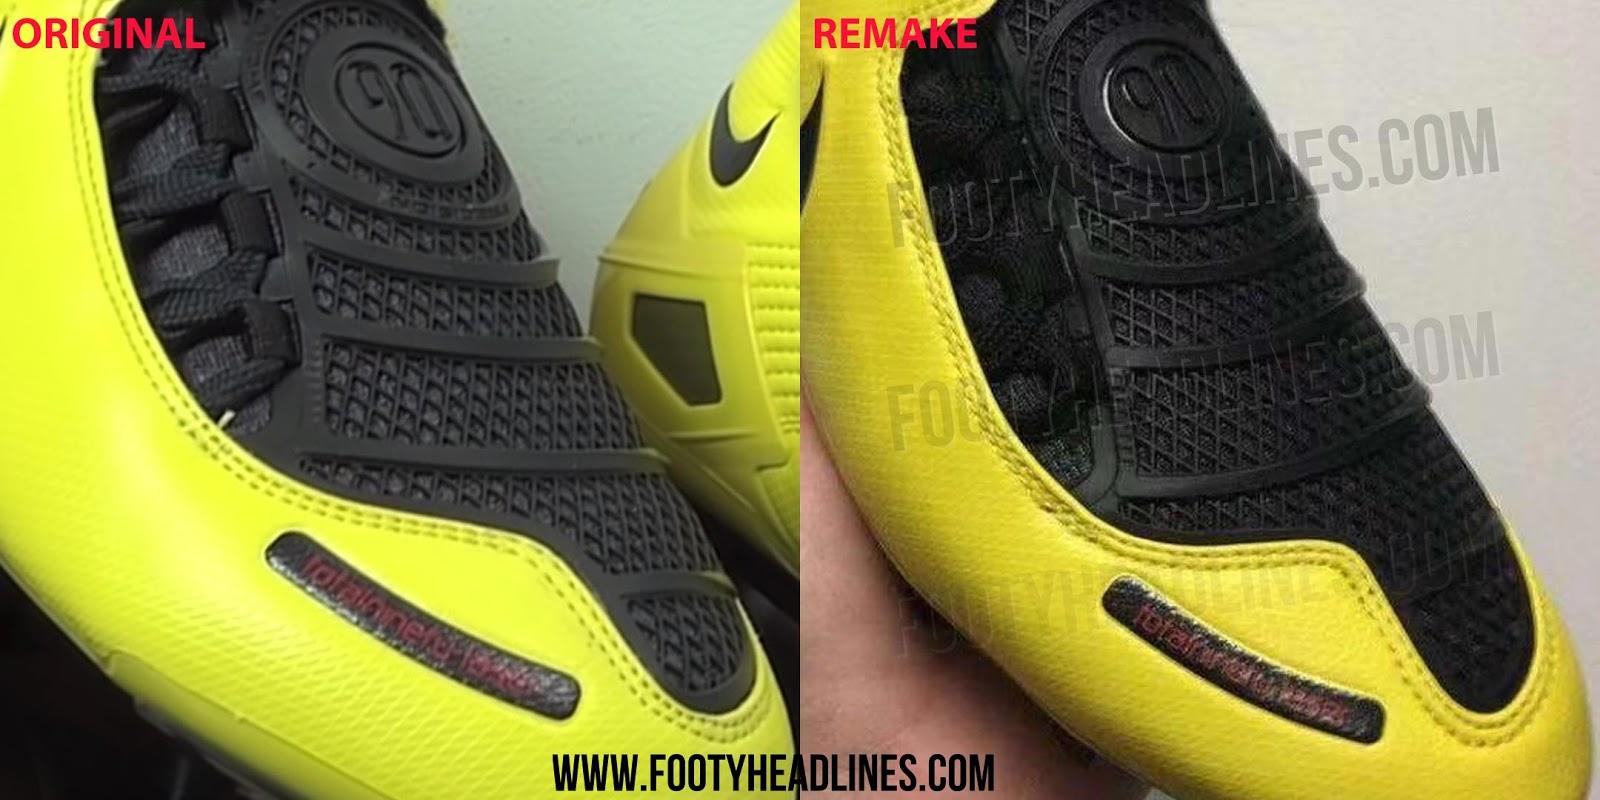 Nike Total 90 Laser I Fussballschuhe 2019 Remake Vs 2007